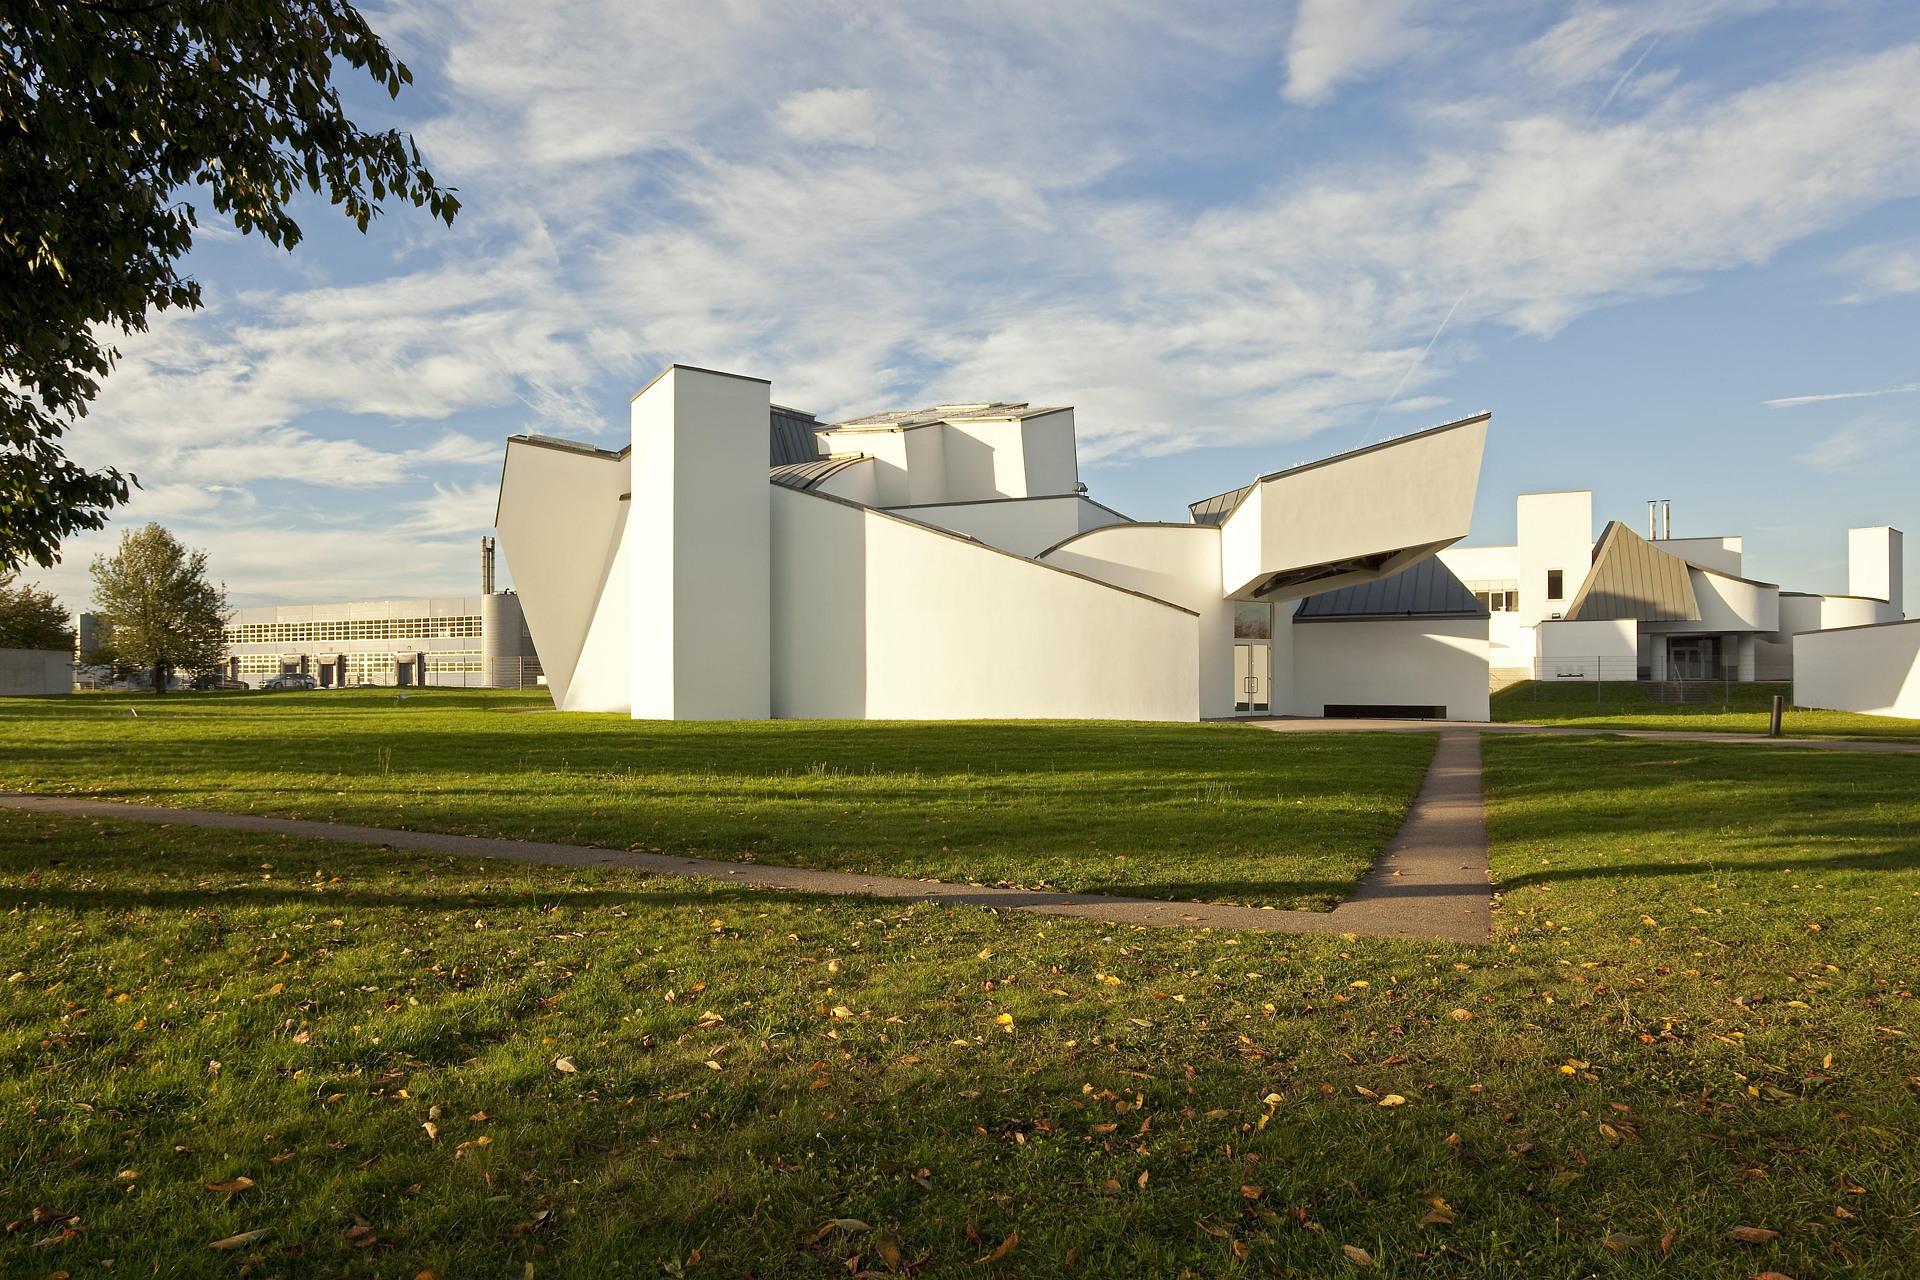 Bâle : entrée en scène d'une architecture et d'un design novateurs et contemporains